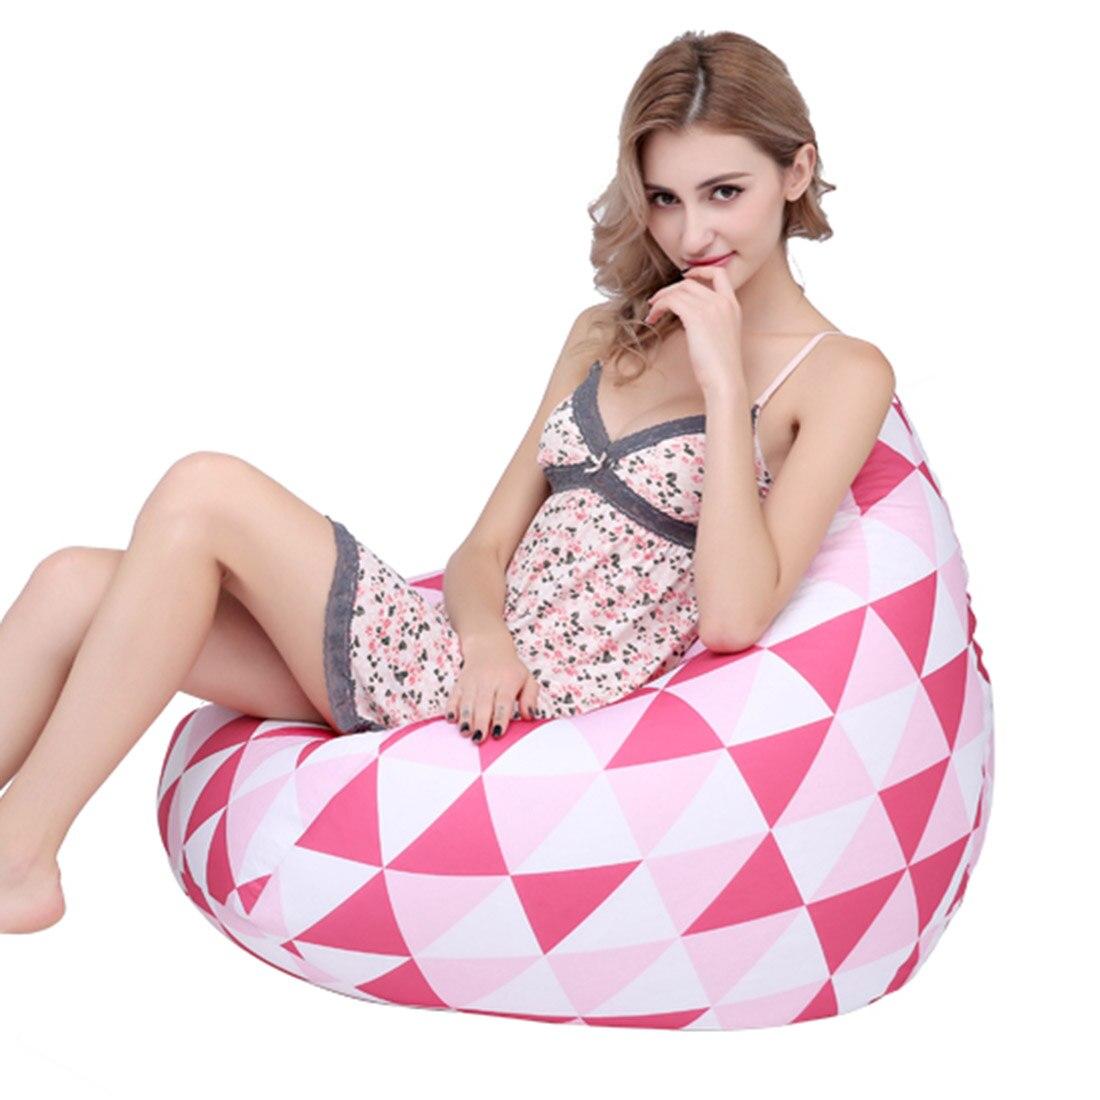 Relax paresseux pouf canapés moderne salon chaises haricot sac paresseux pouf canapés pour adultes enfants lecture salon paresseux canapés